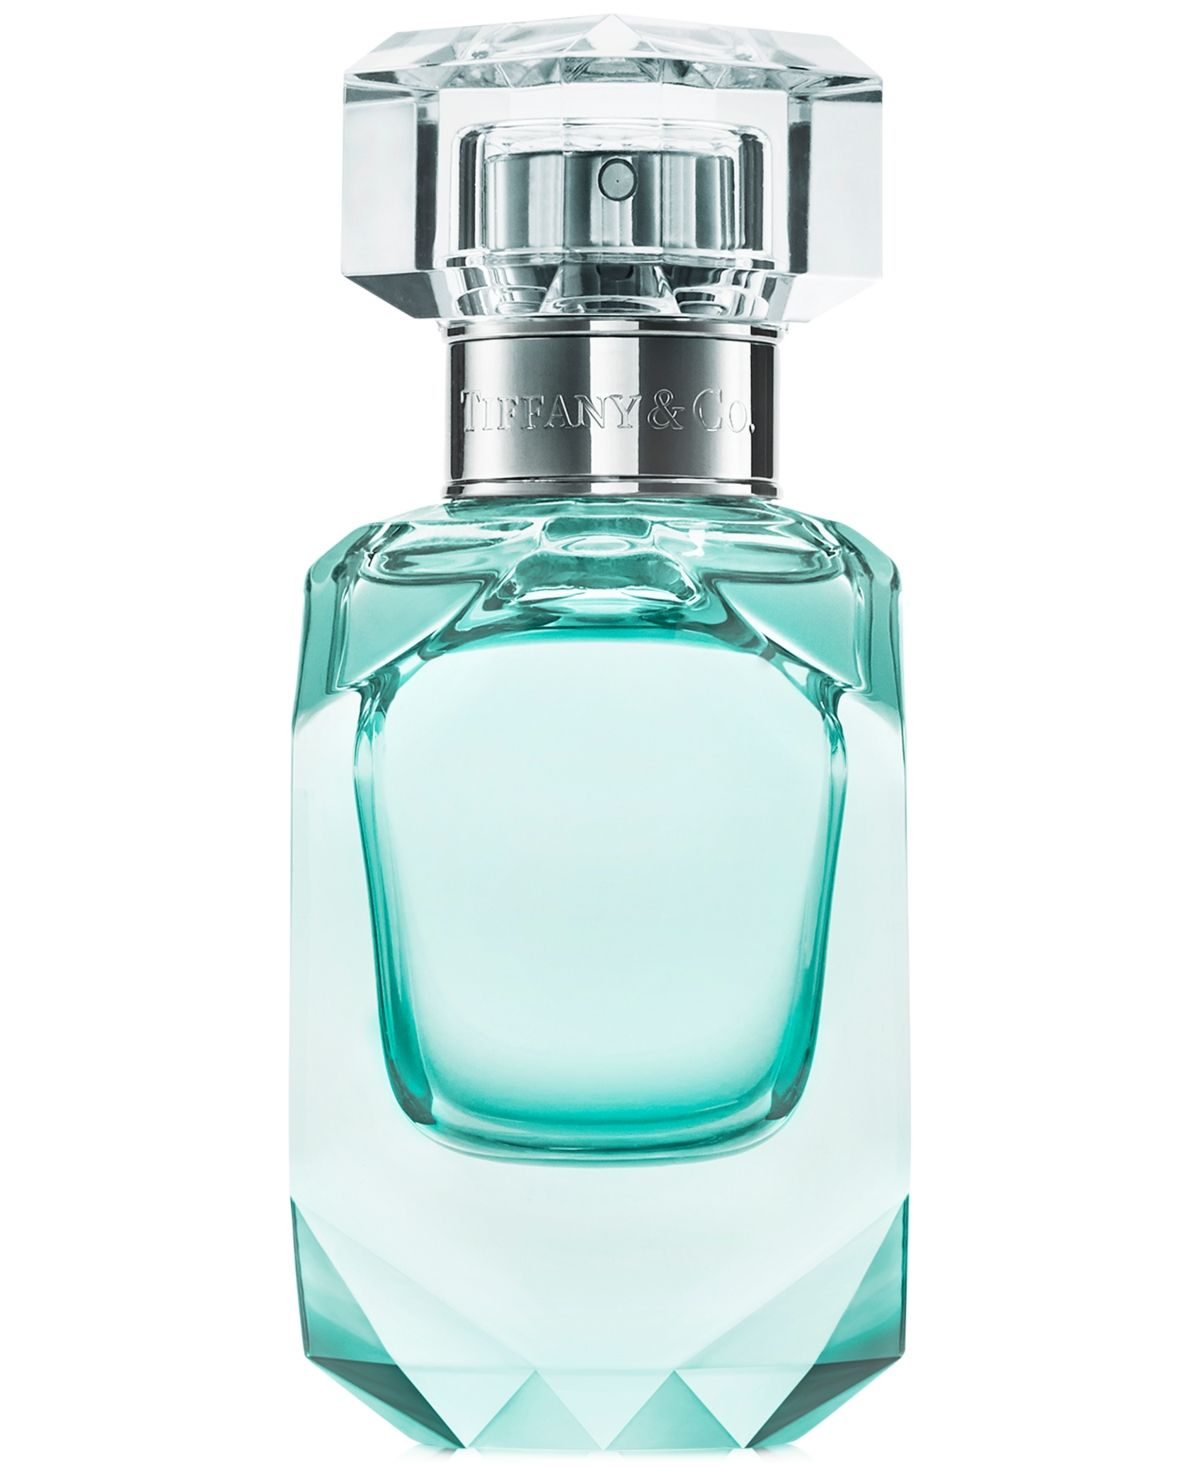 Tiffany Co Intense Eau De Parfum 1 Oz Perfume Eau De Parfum Perfume Brands